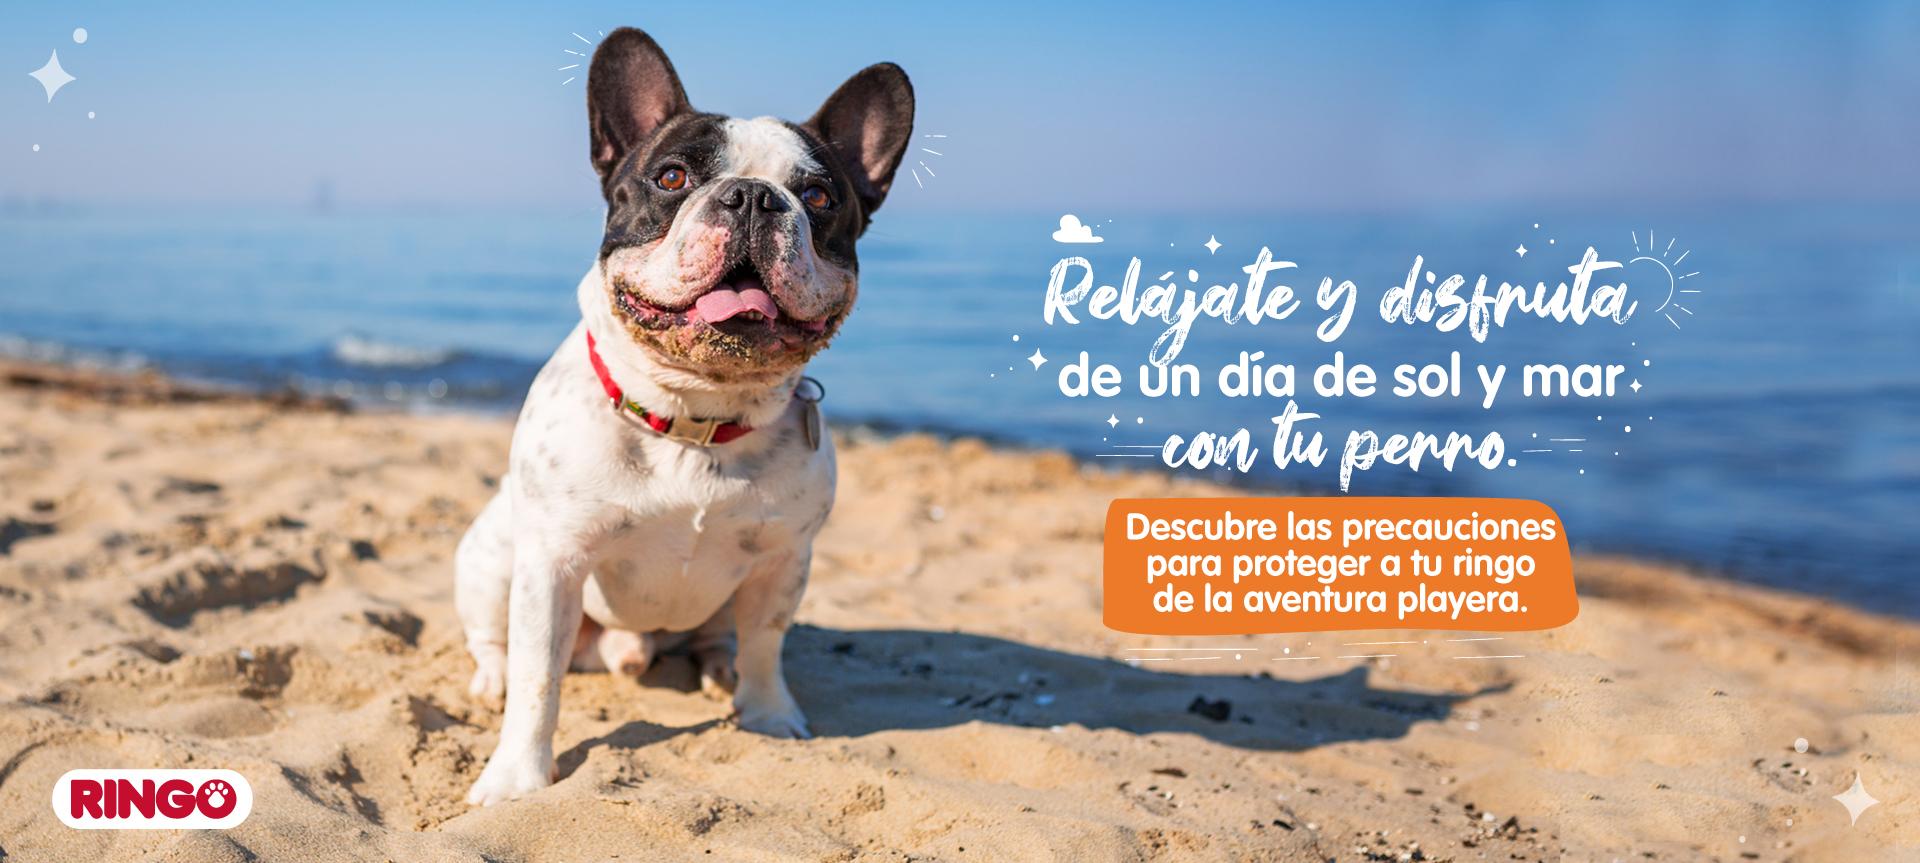 Cómo cuidar a mi perro en un día de playa